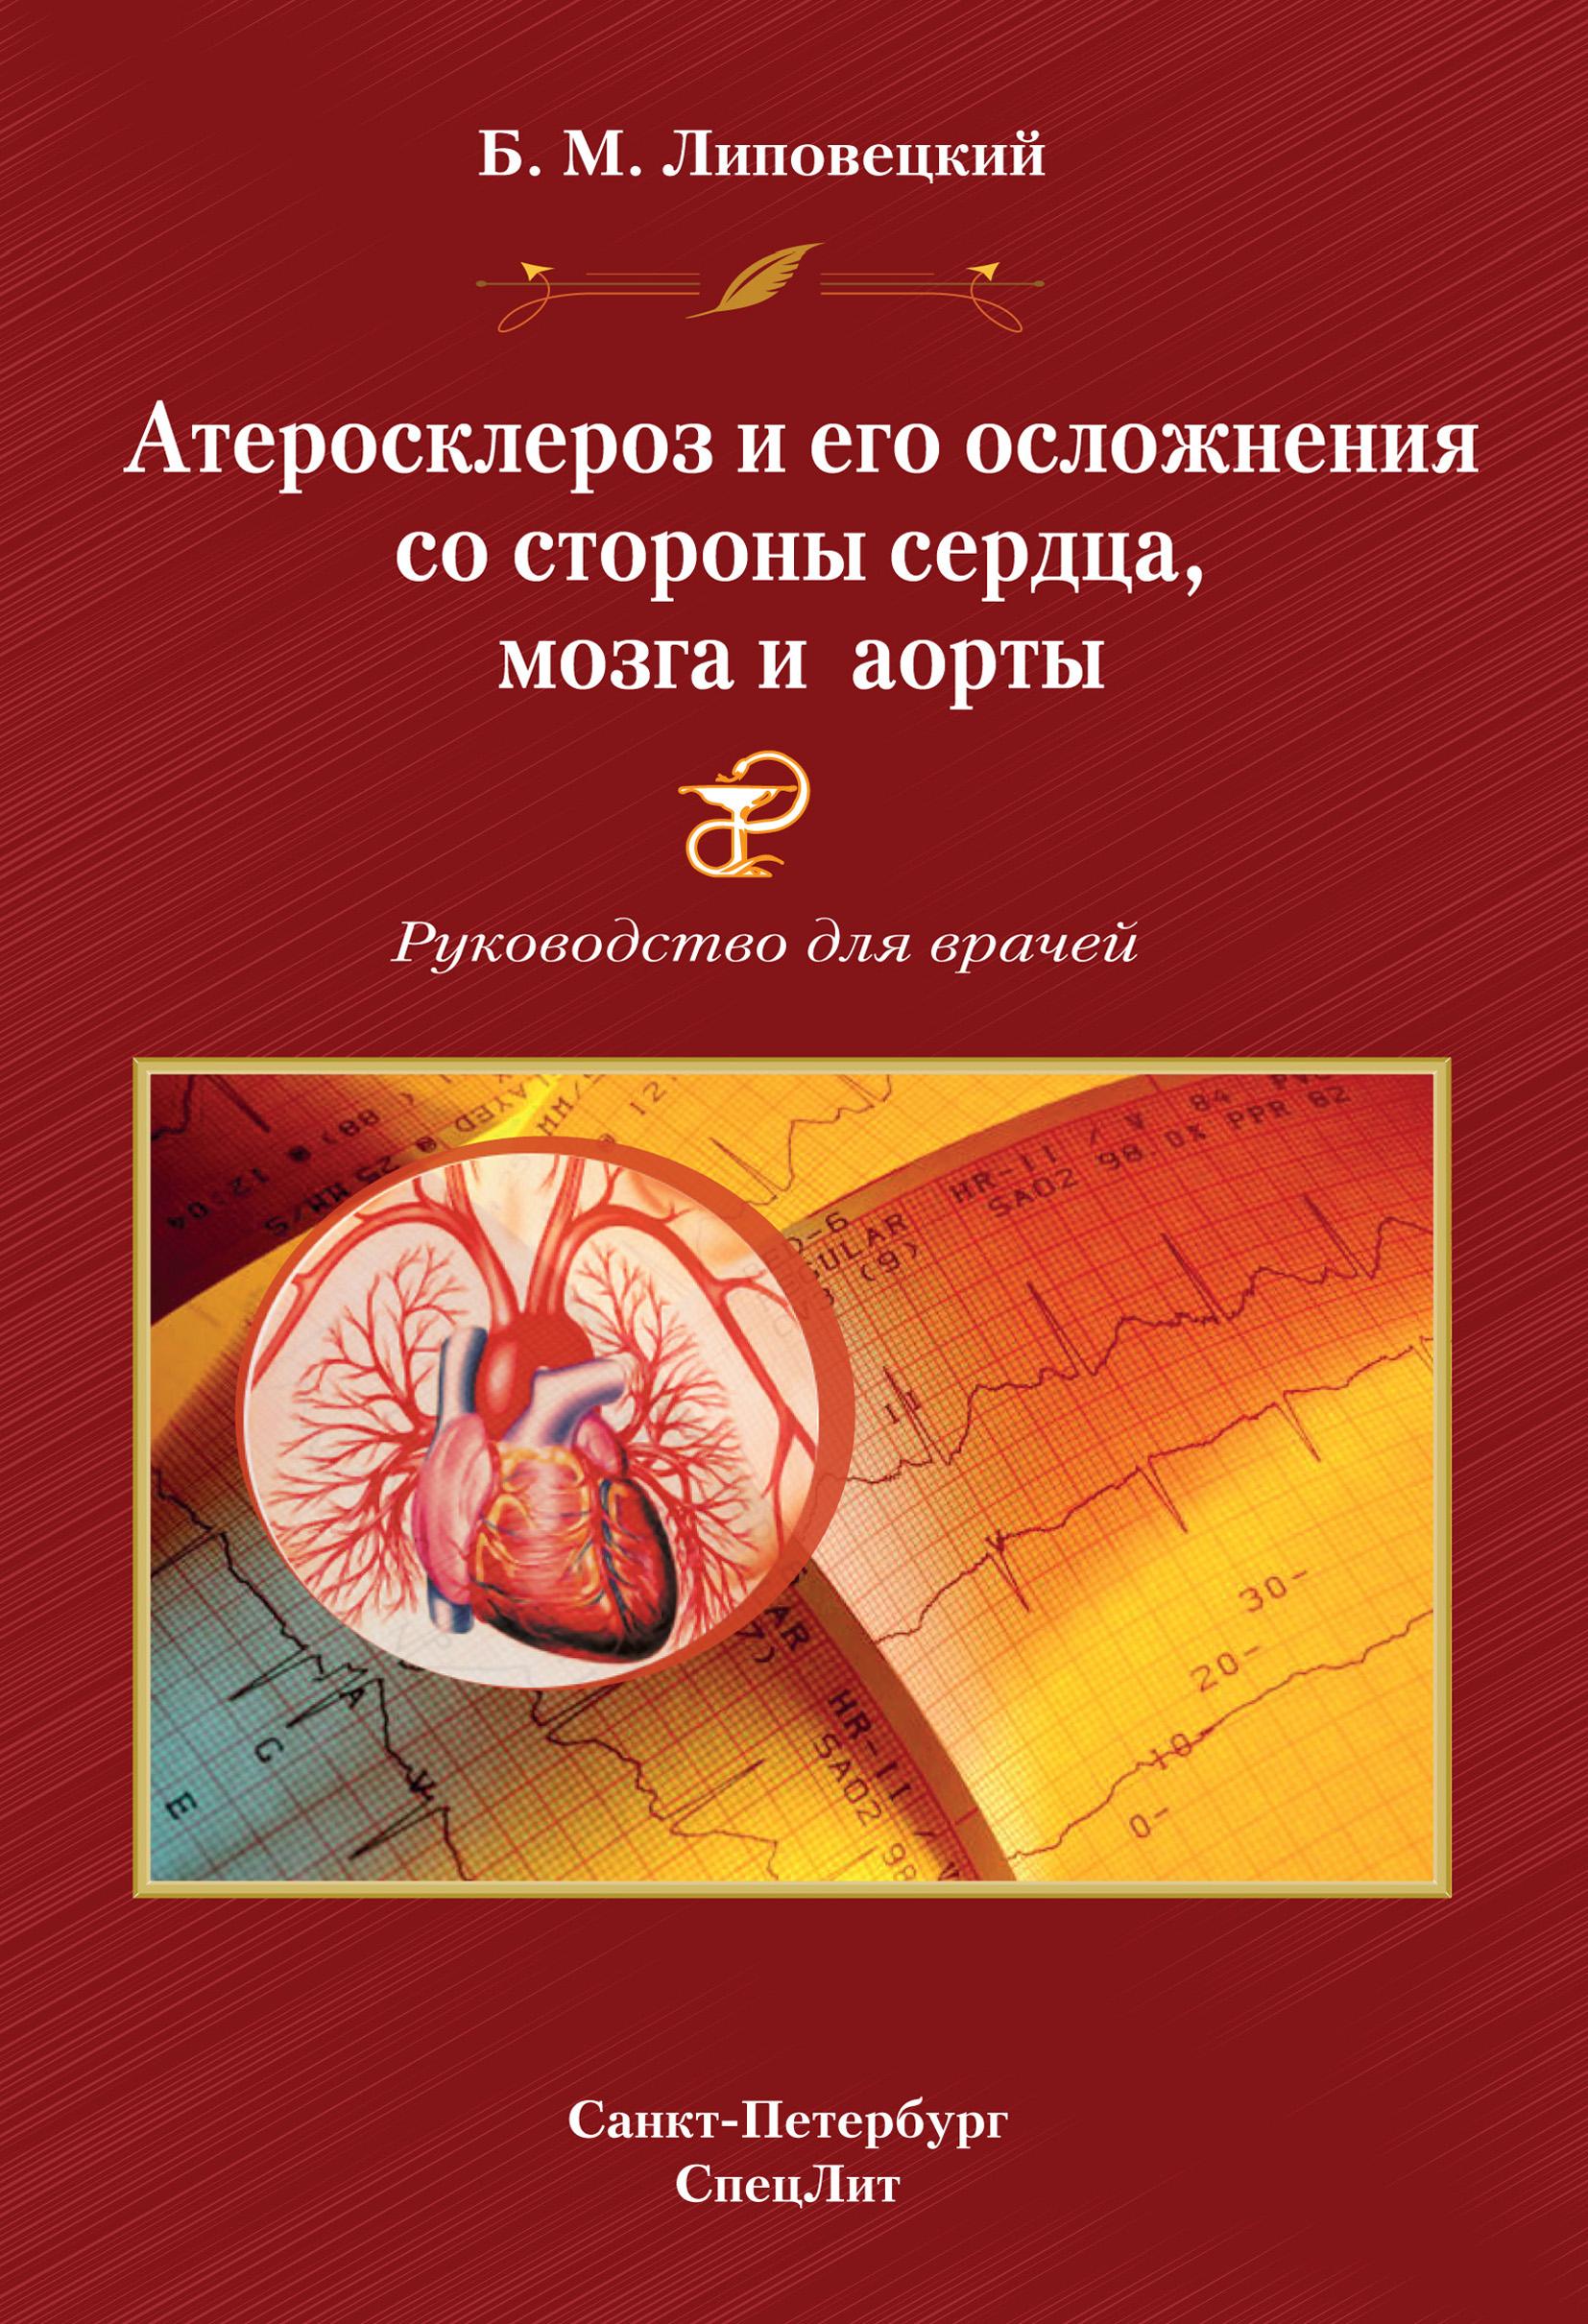 Б. М. Липовецкий Атеросклероз и его осложнения со стороны сердца, мозга и аорты. Руководство для врачей цена и фото